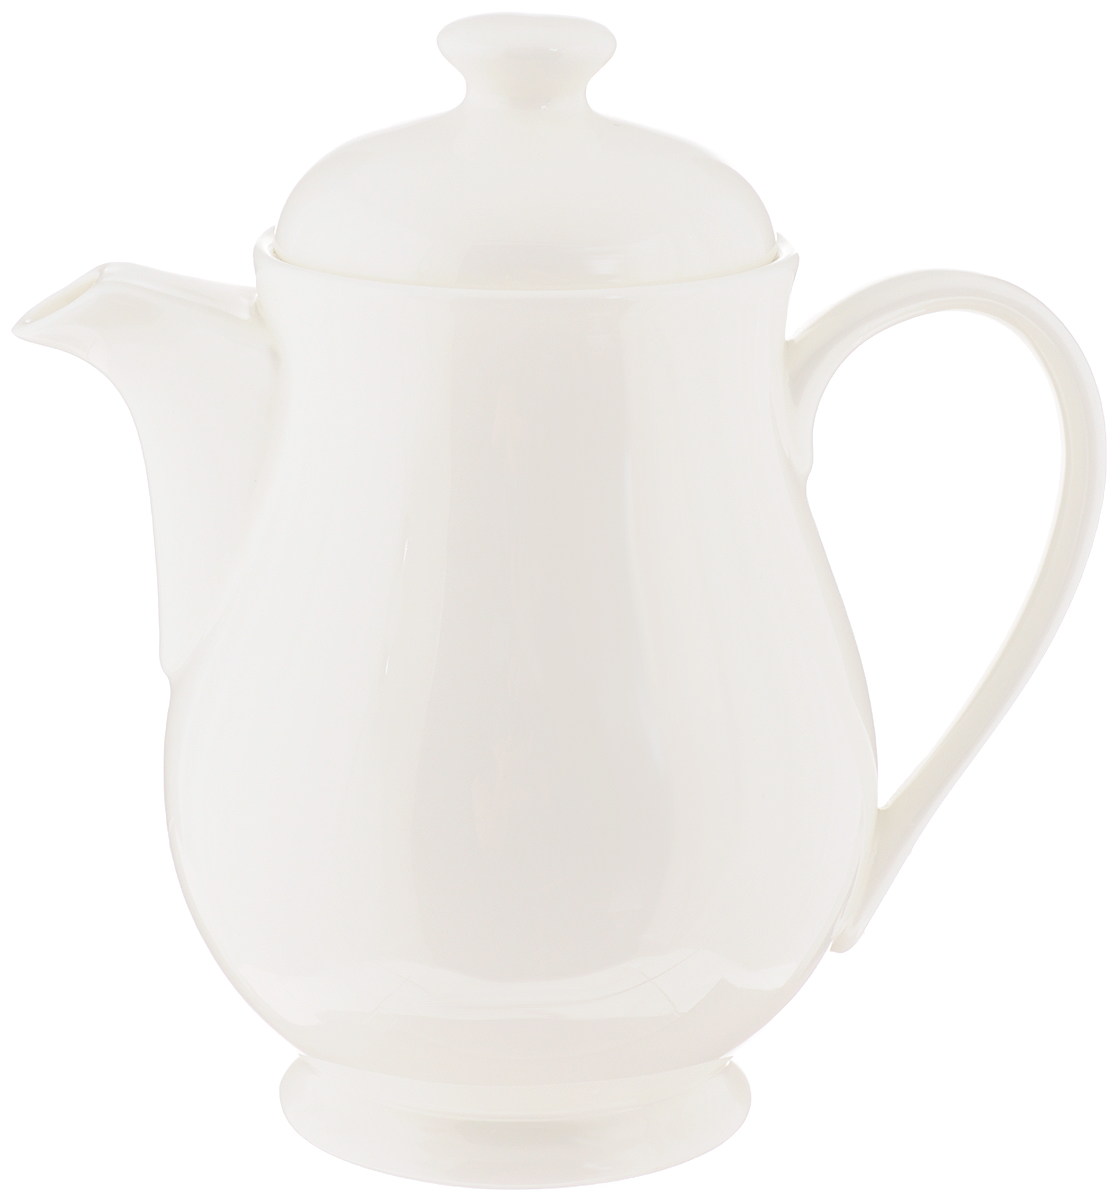 Чайник заварочный Wilmax, 650 мл. WL-994026 / 1C9631BHЗаварочный чайник Wilmax изготовлен из высококачественного фарфора. Глазурованное покрытие обеспечивает легкую очистку. Изделие прекрасно подходит для заваривания вкусного и ароматного чая, а также травяных настоев. Отверстия в основании носика препятствует попаданию чаинок в чашку. Оригинальный дизайн сделает чайник настоящим украшением стола. Он удобен в использовании и понравится каждому.Можно мыть в посудомоечной машине и использовать в микроволновой печи. Диаметр чайника (по верхнему краю): 7,5 см. Высота чайника (без учета крышки): 13 см. Высота чайника (с учетом крышки): 16 см.